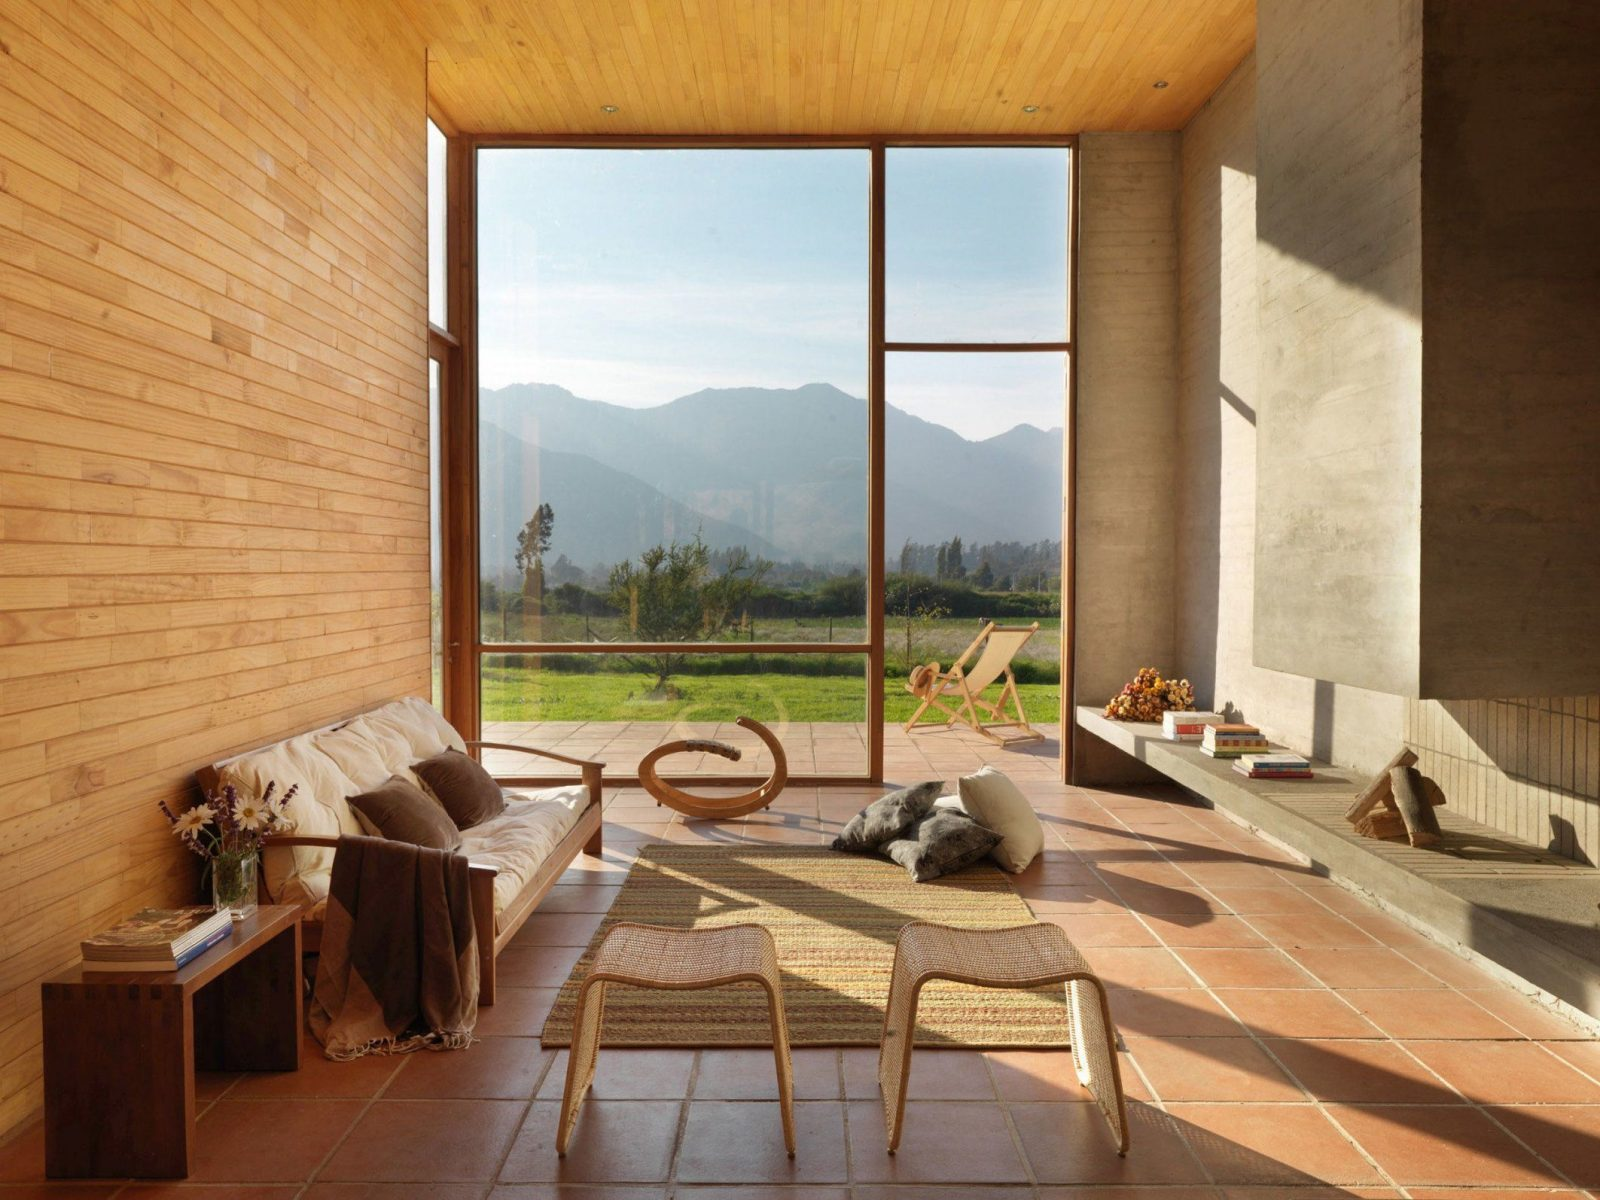 Schickes Wohnambiente 75 Faszinierende Ideen Für Bodentiefe Fenster von Gardinen Ideen Für Bodentiefe Fenster Bild